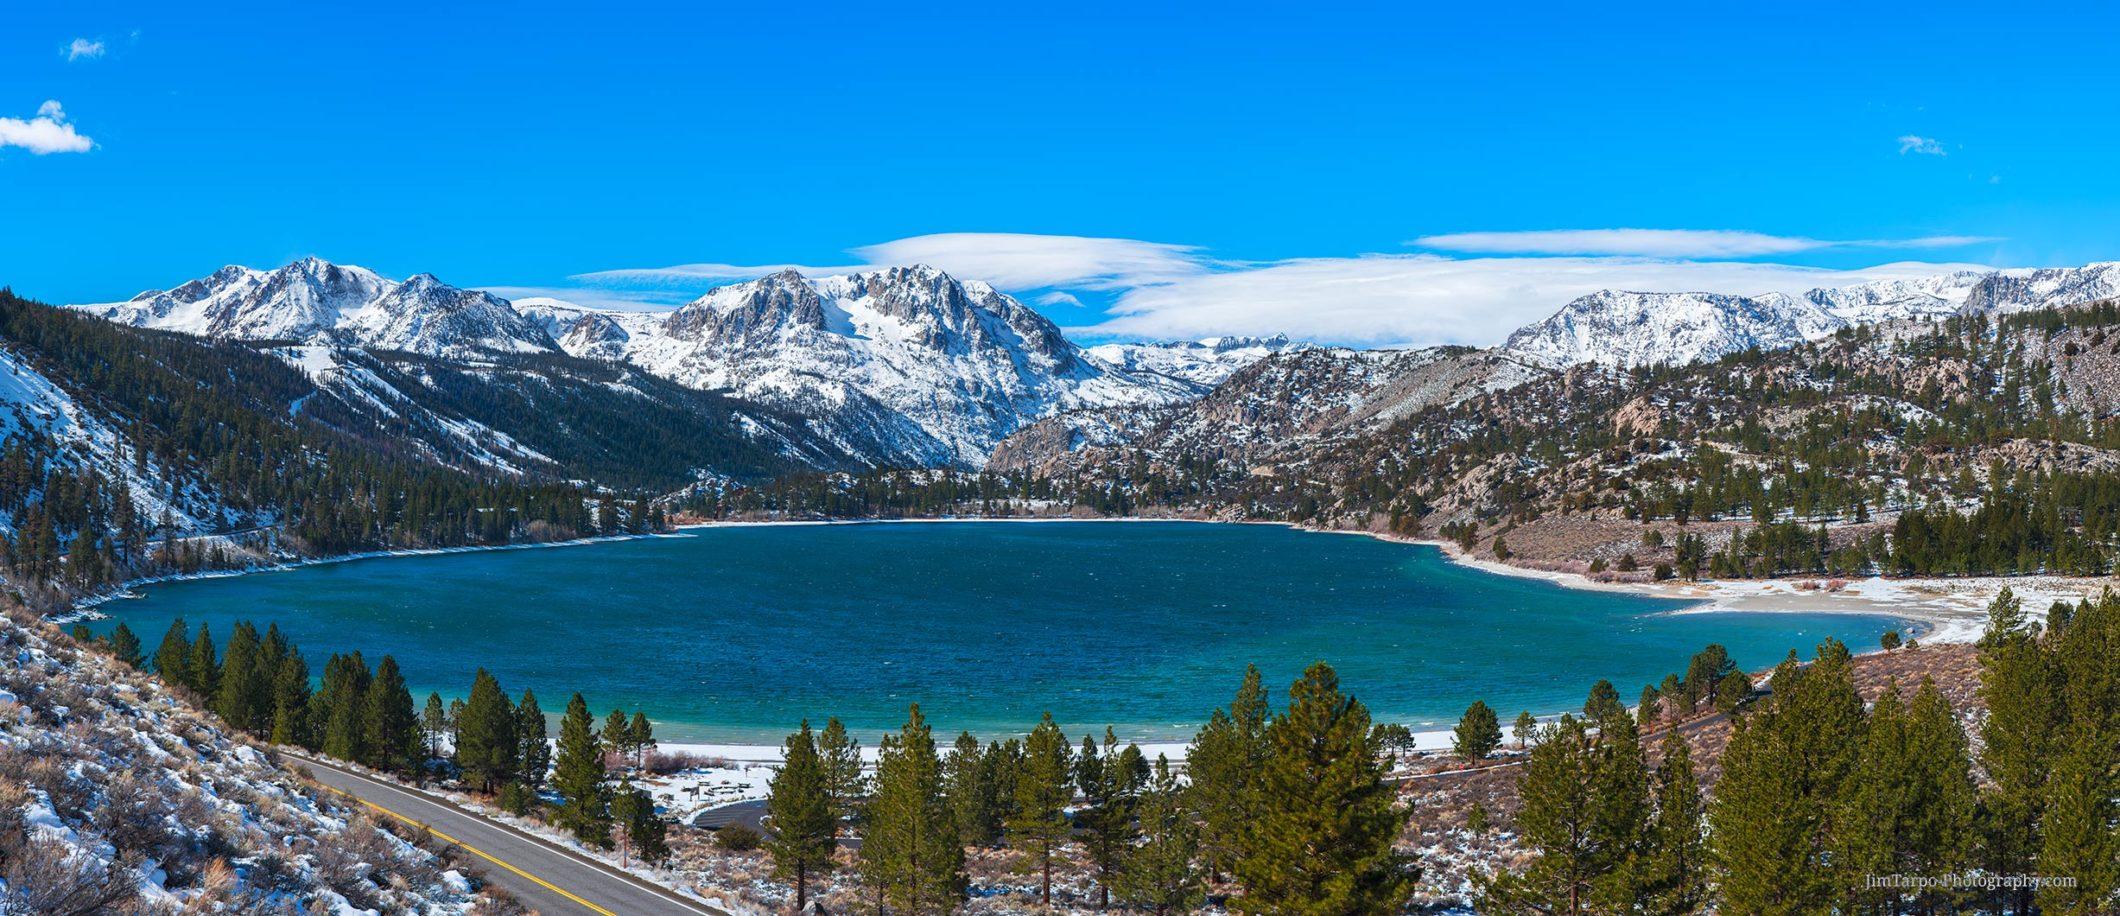 June Lake 4961